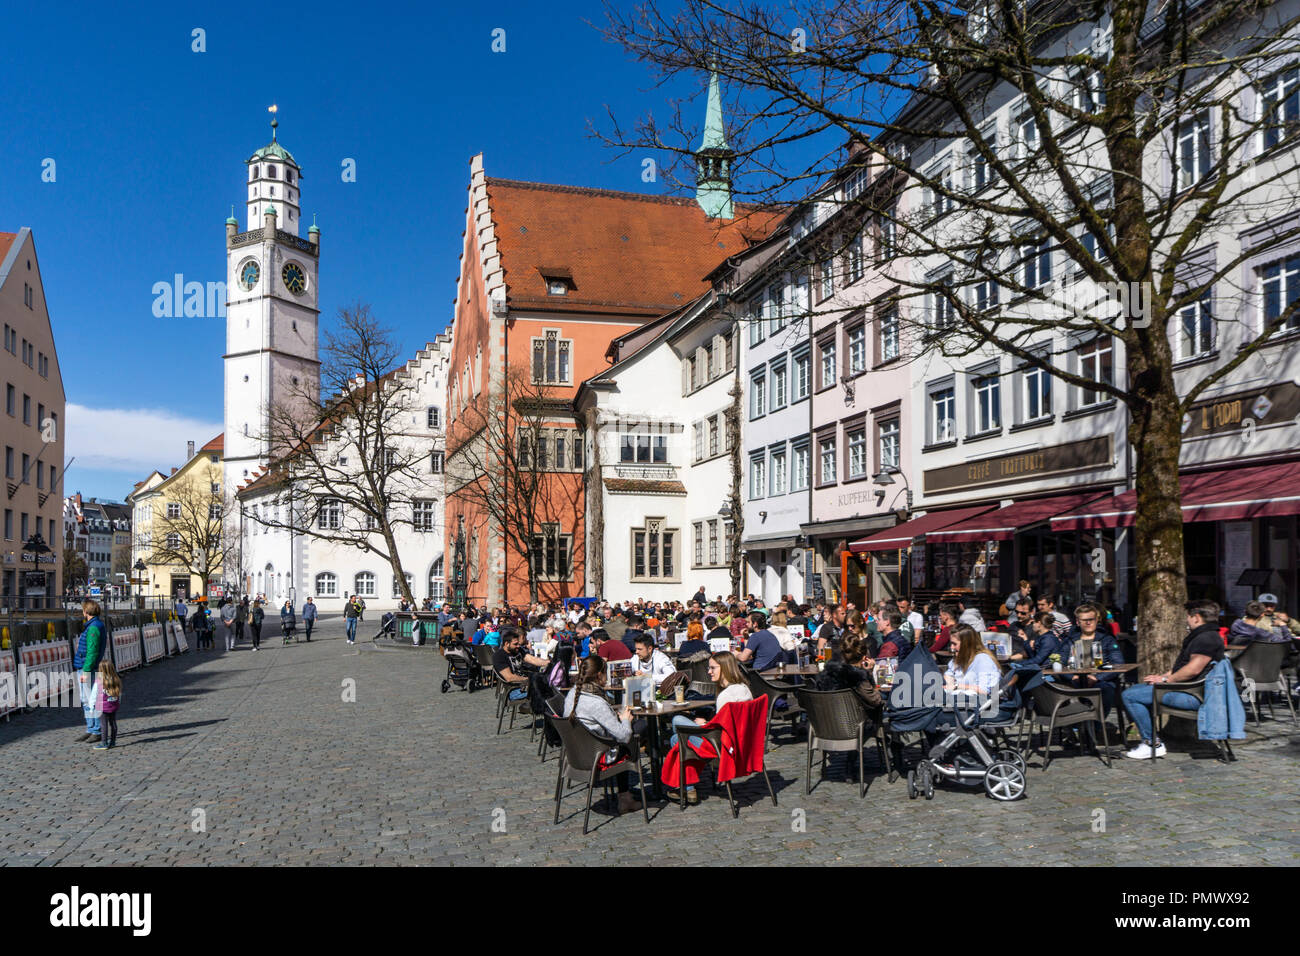 Altstadt von Ravensburg, Blaserturm, Waaghaus, Rathaus, Strassenscafes, baden-wuerttembergischen, Deutschland Stockbild